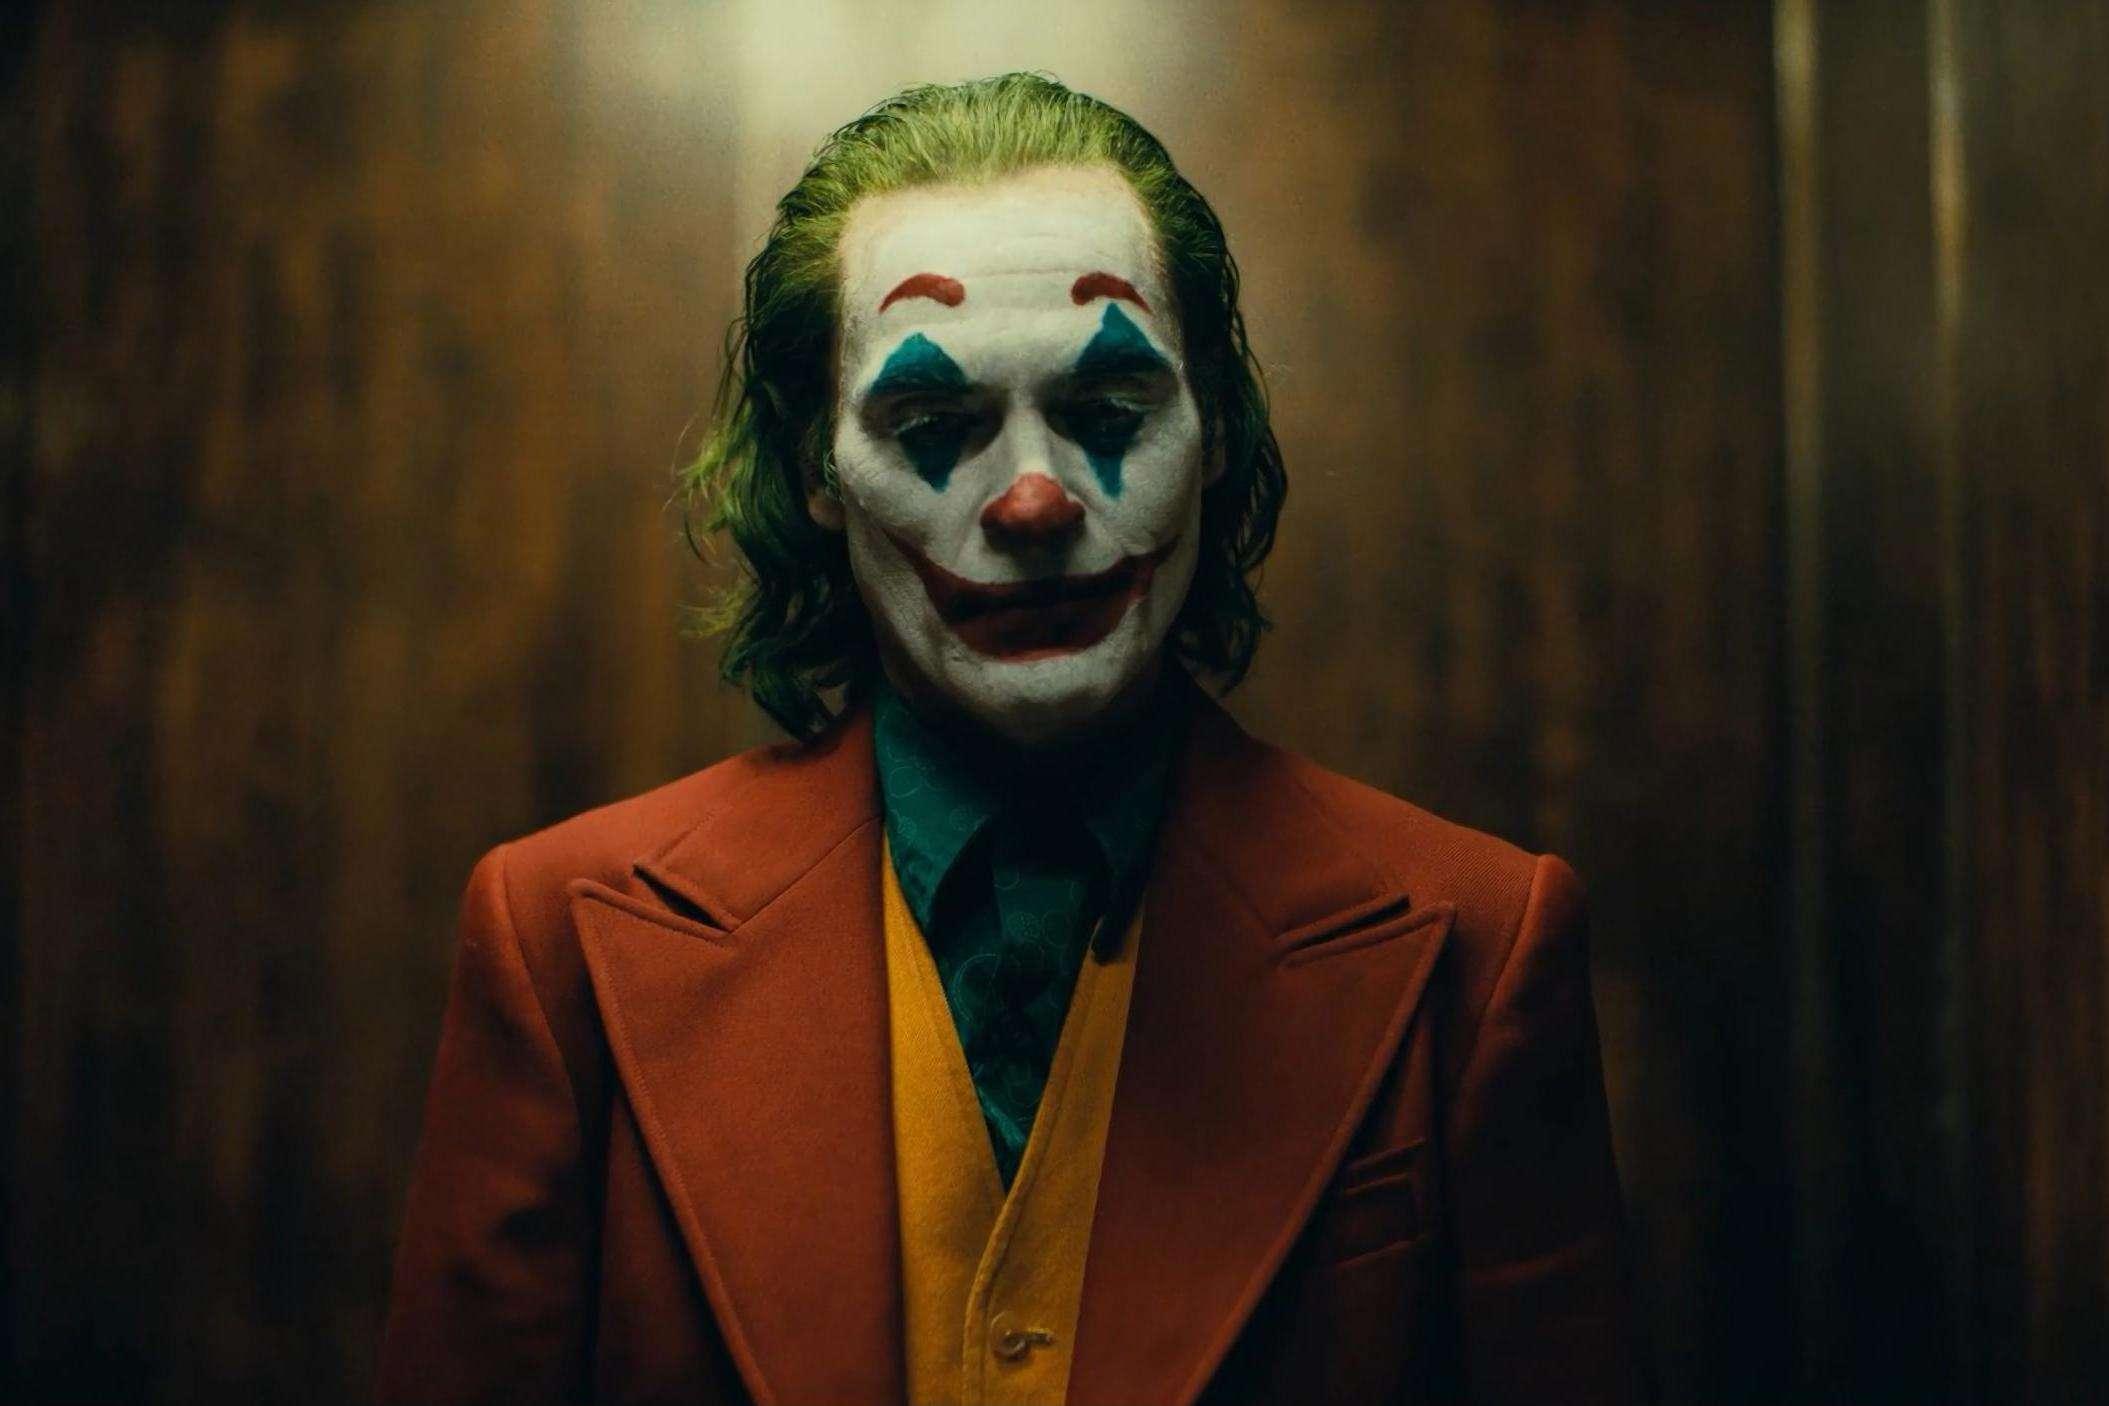 小丑_Joker_電影劇照